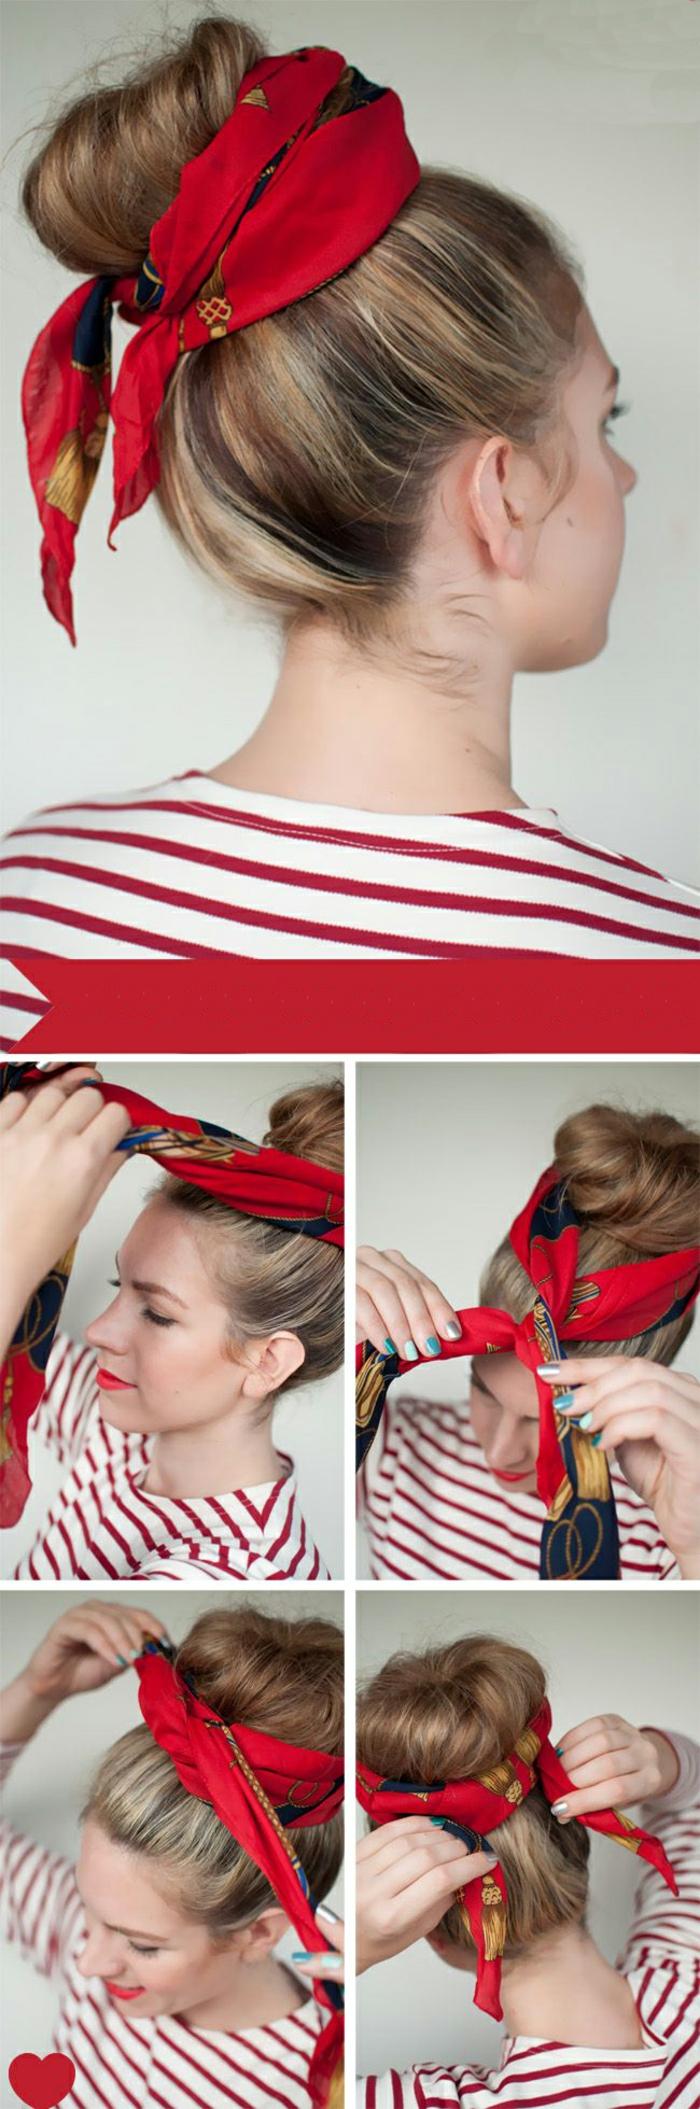 bun nouer foulard cheveux